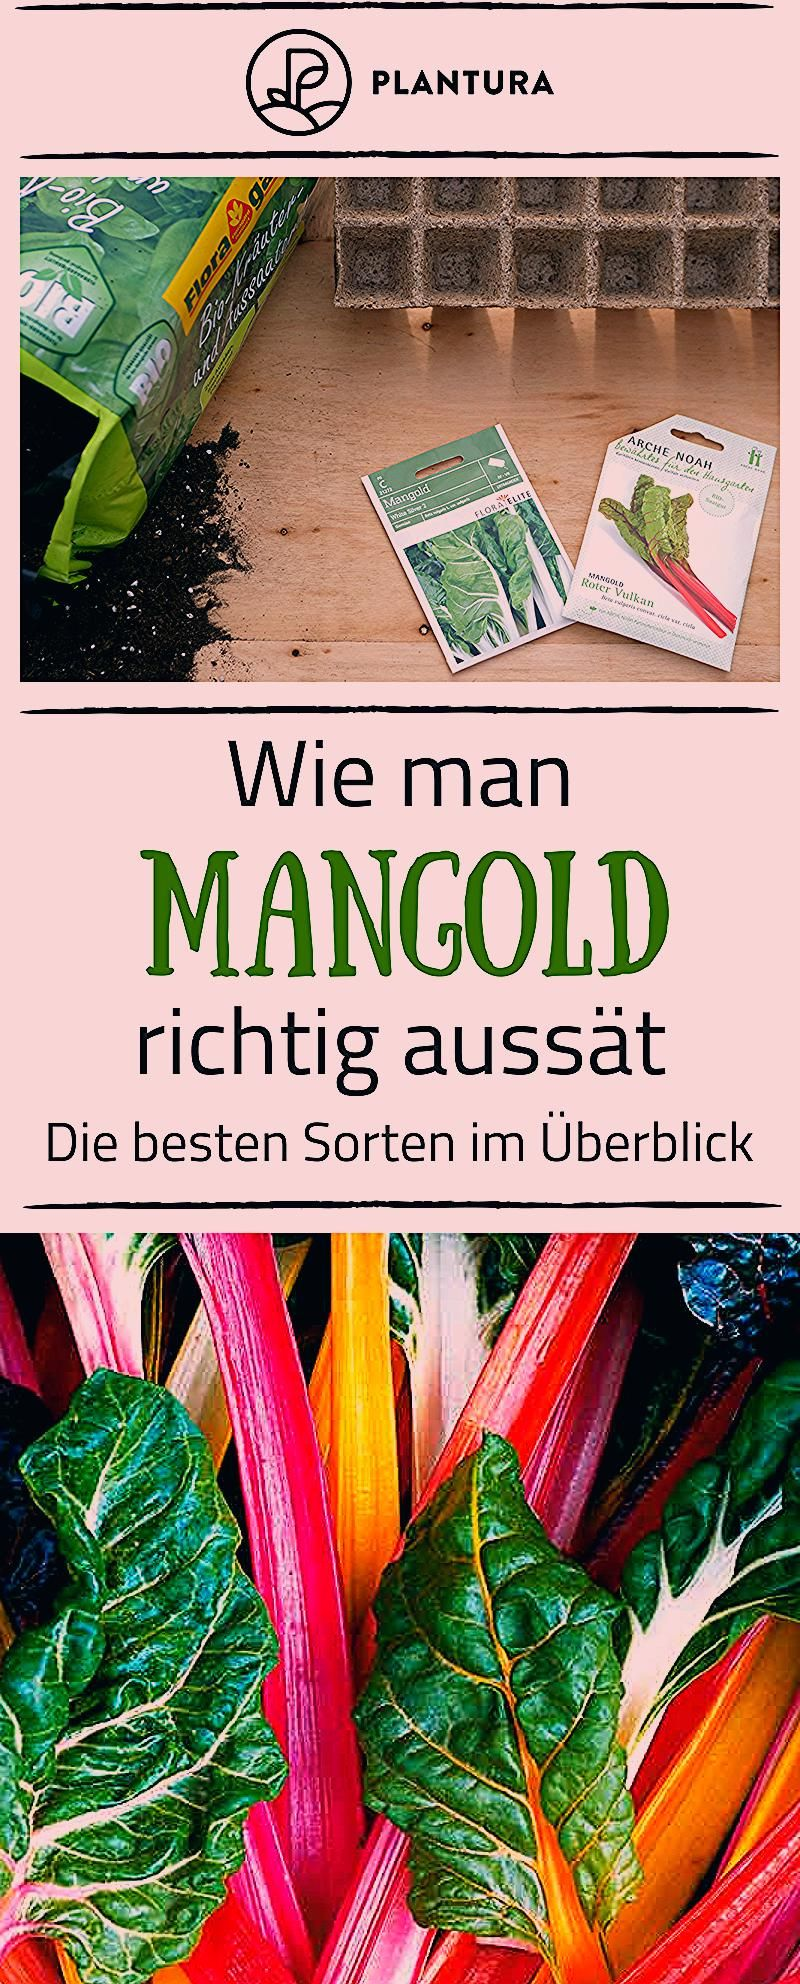 Photo of Mangold anbauen: Profi-Tipps zu Standort & Vorgehen – Plantura